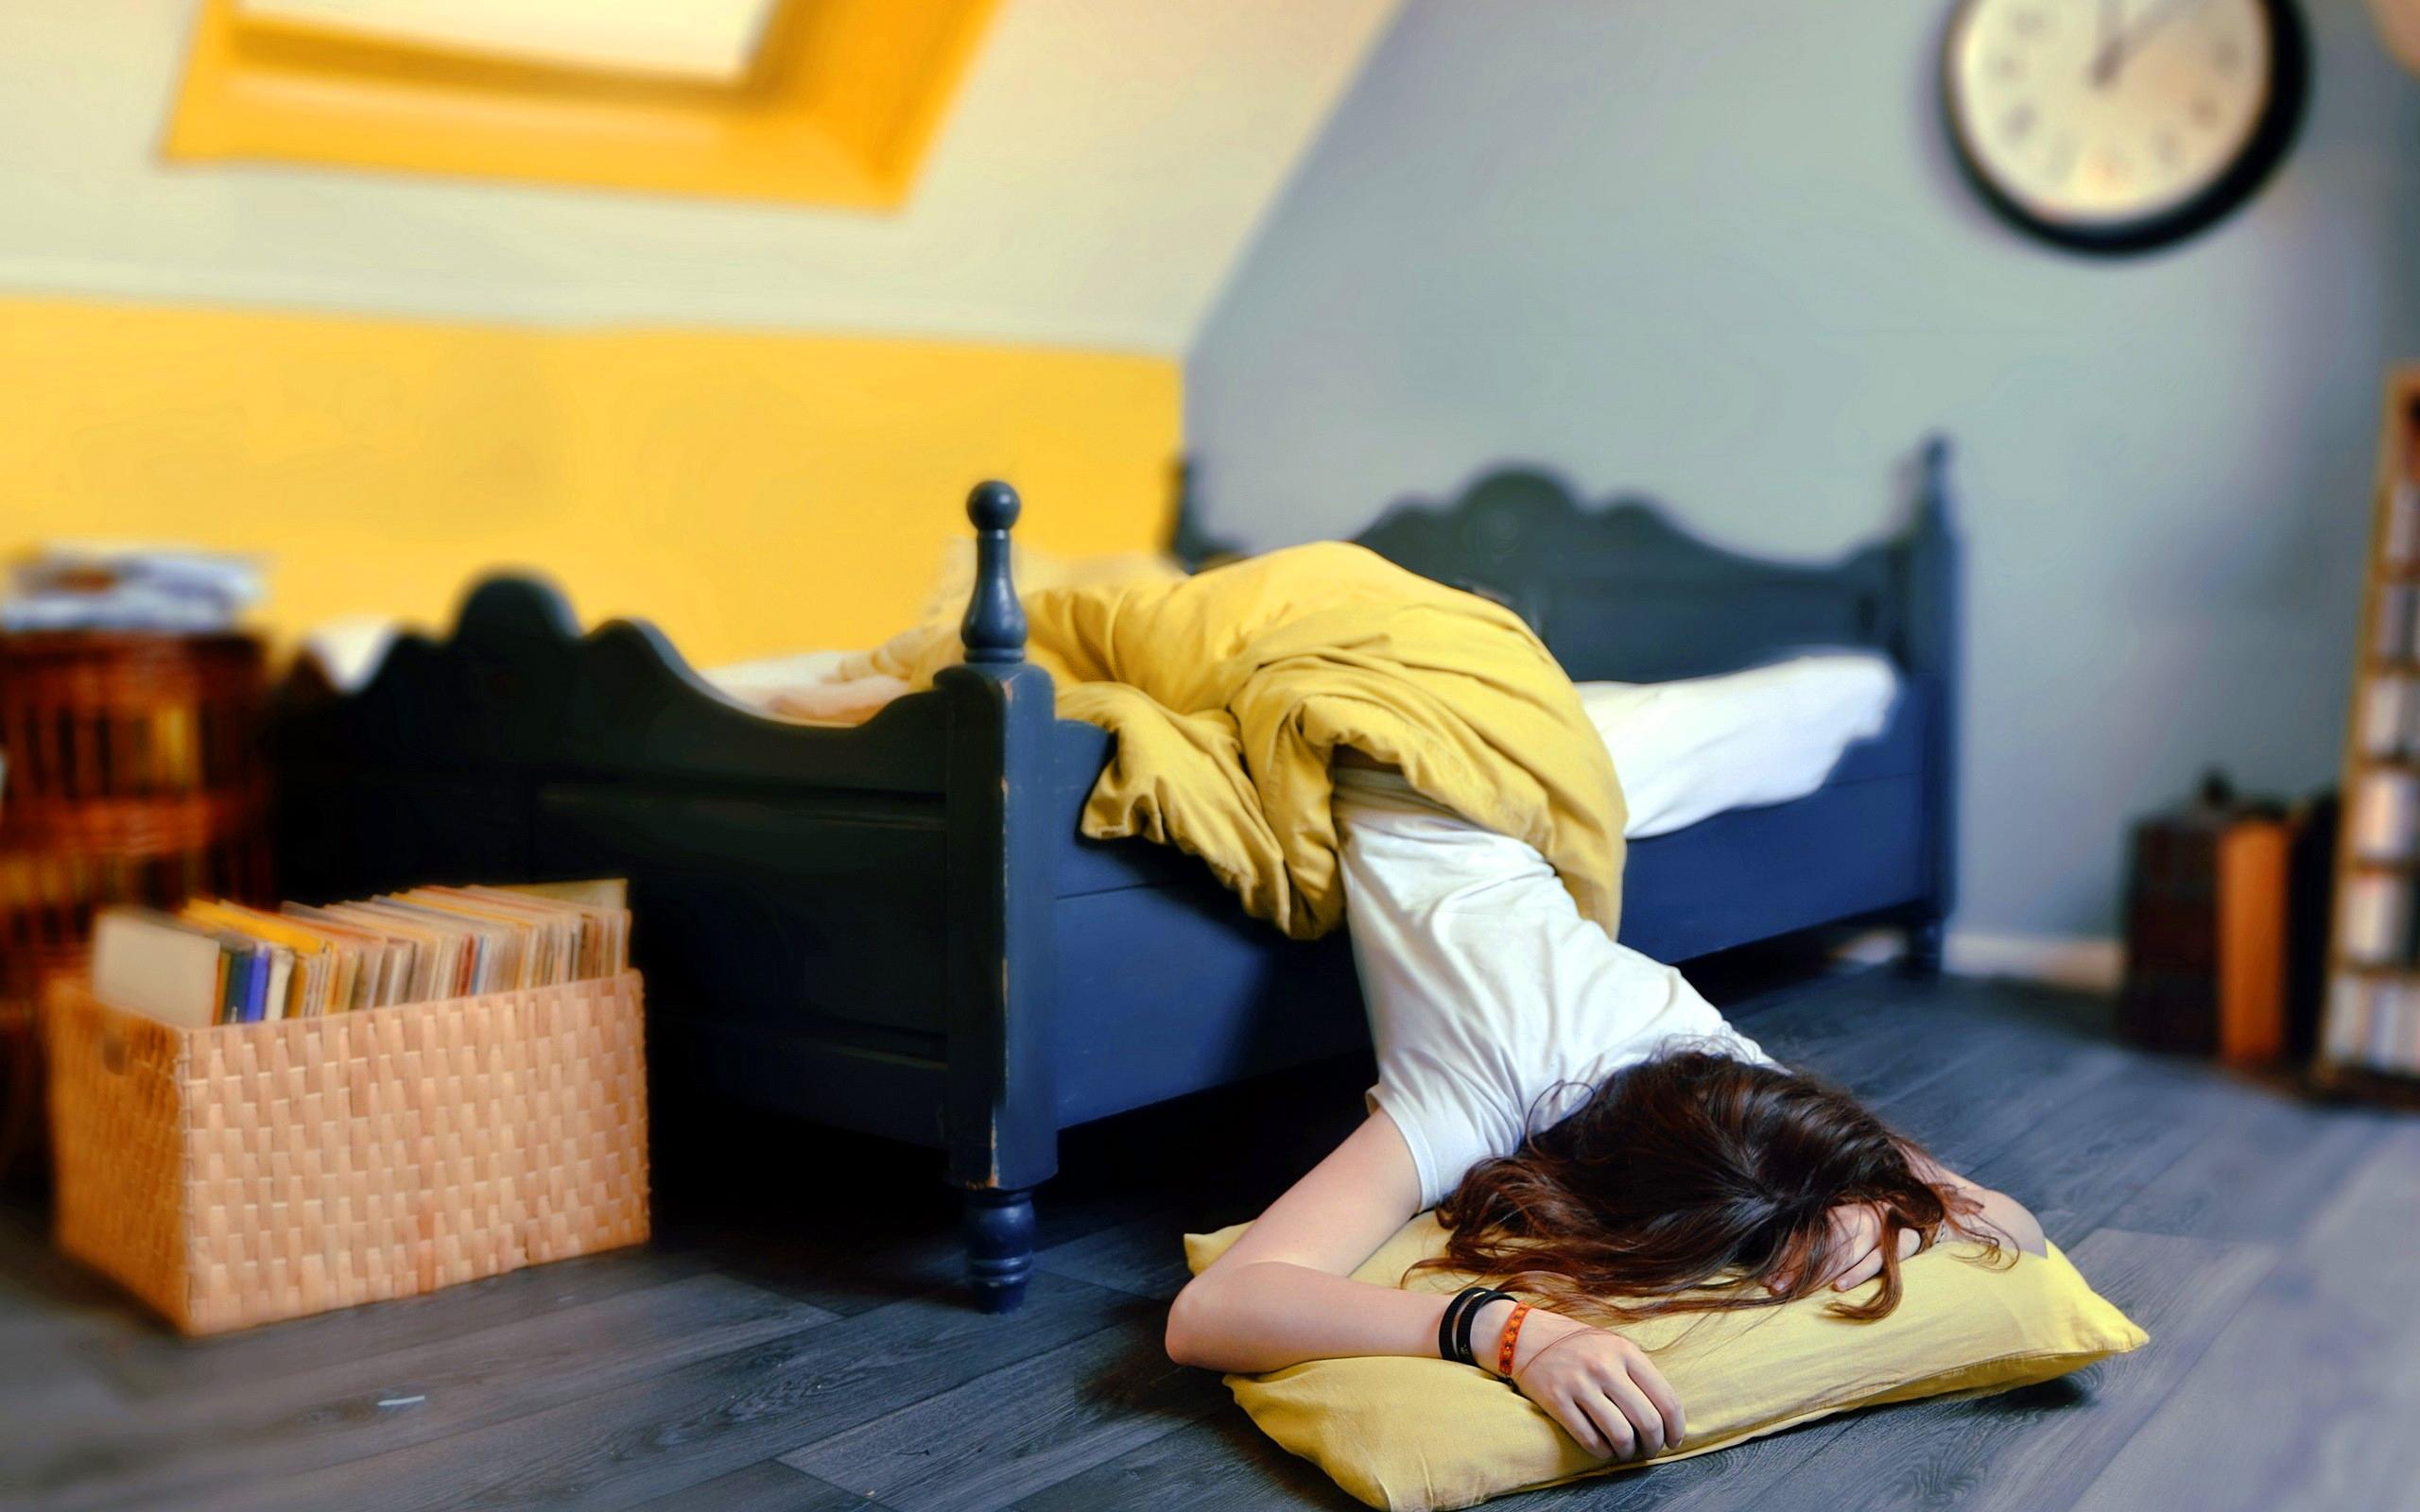 Что делать если не встал в постели на девушку 152